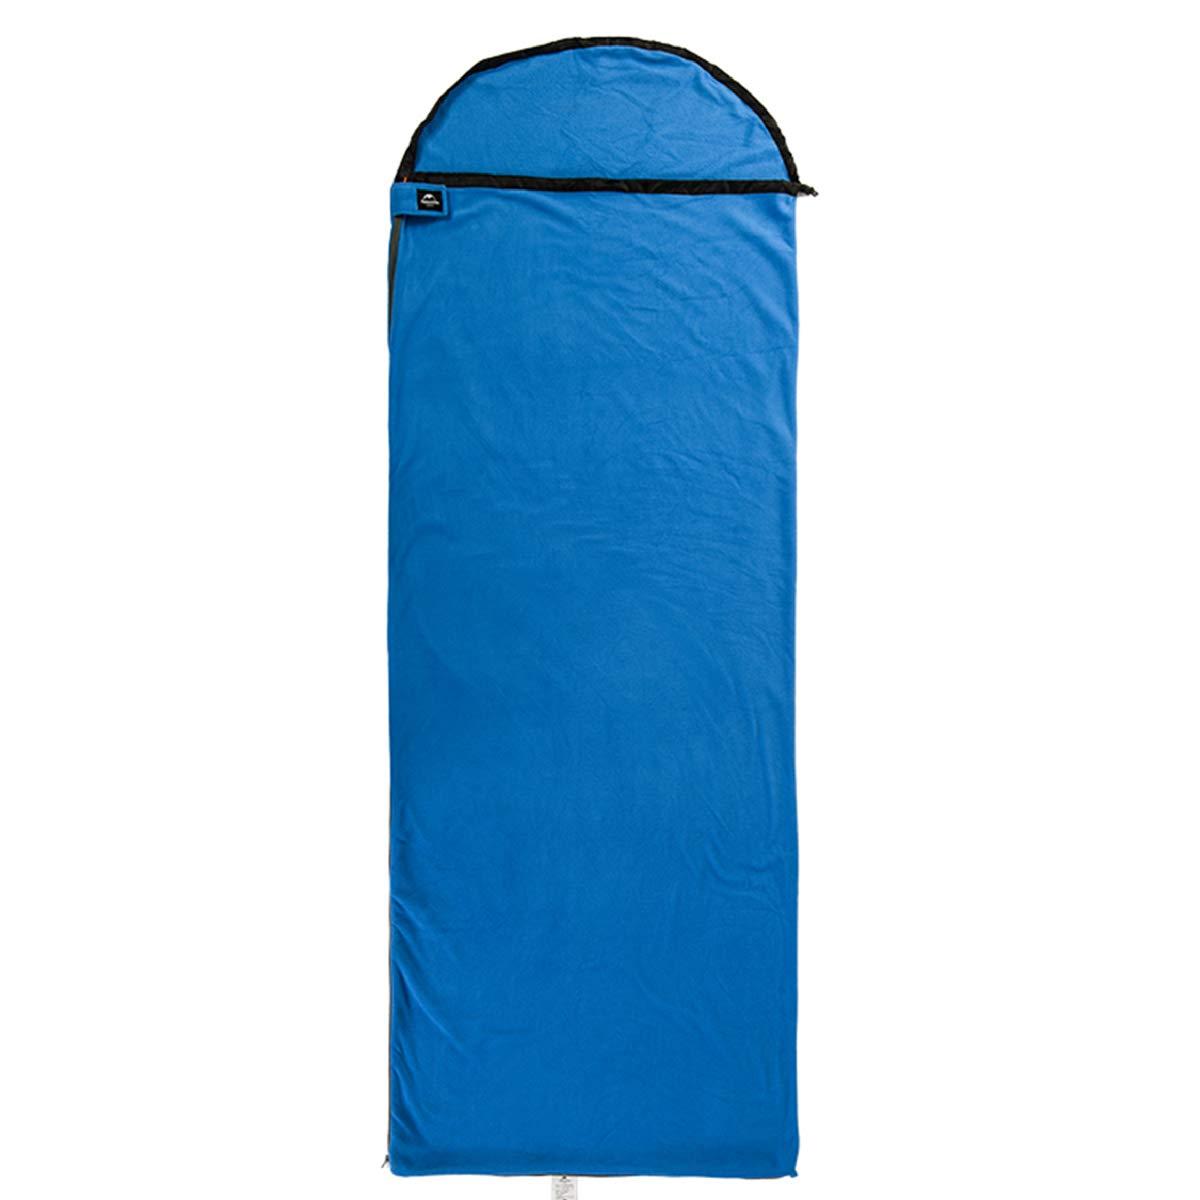 TRIWONDER 寝袋 フリース 夏用 コンパクト 軽量 封筒型 シュラフ スリーピングバッグ アウトドア 登山 防災 B07BHFP6Y3 ブルー